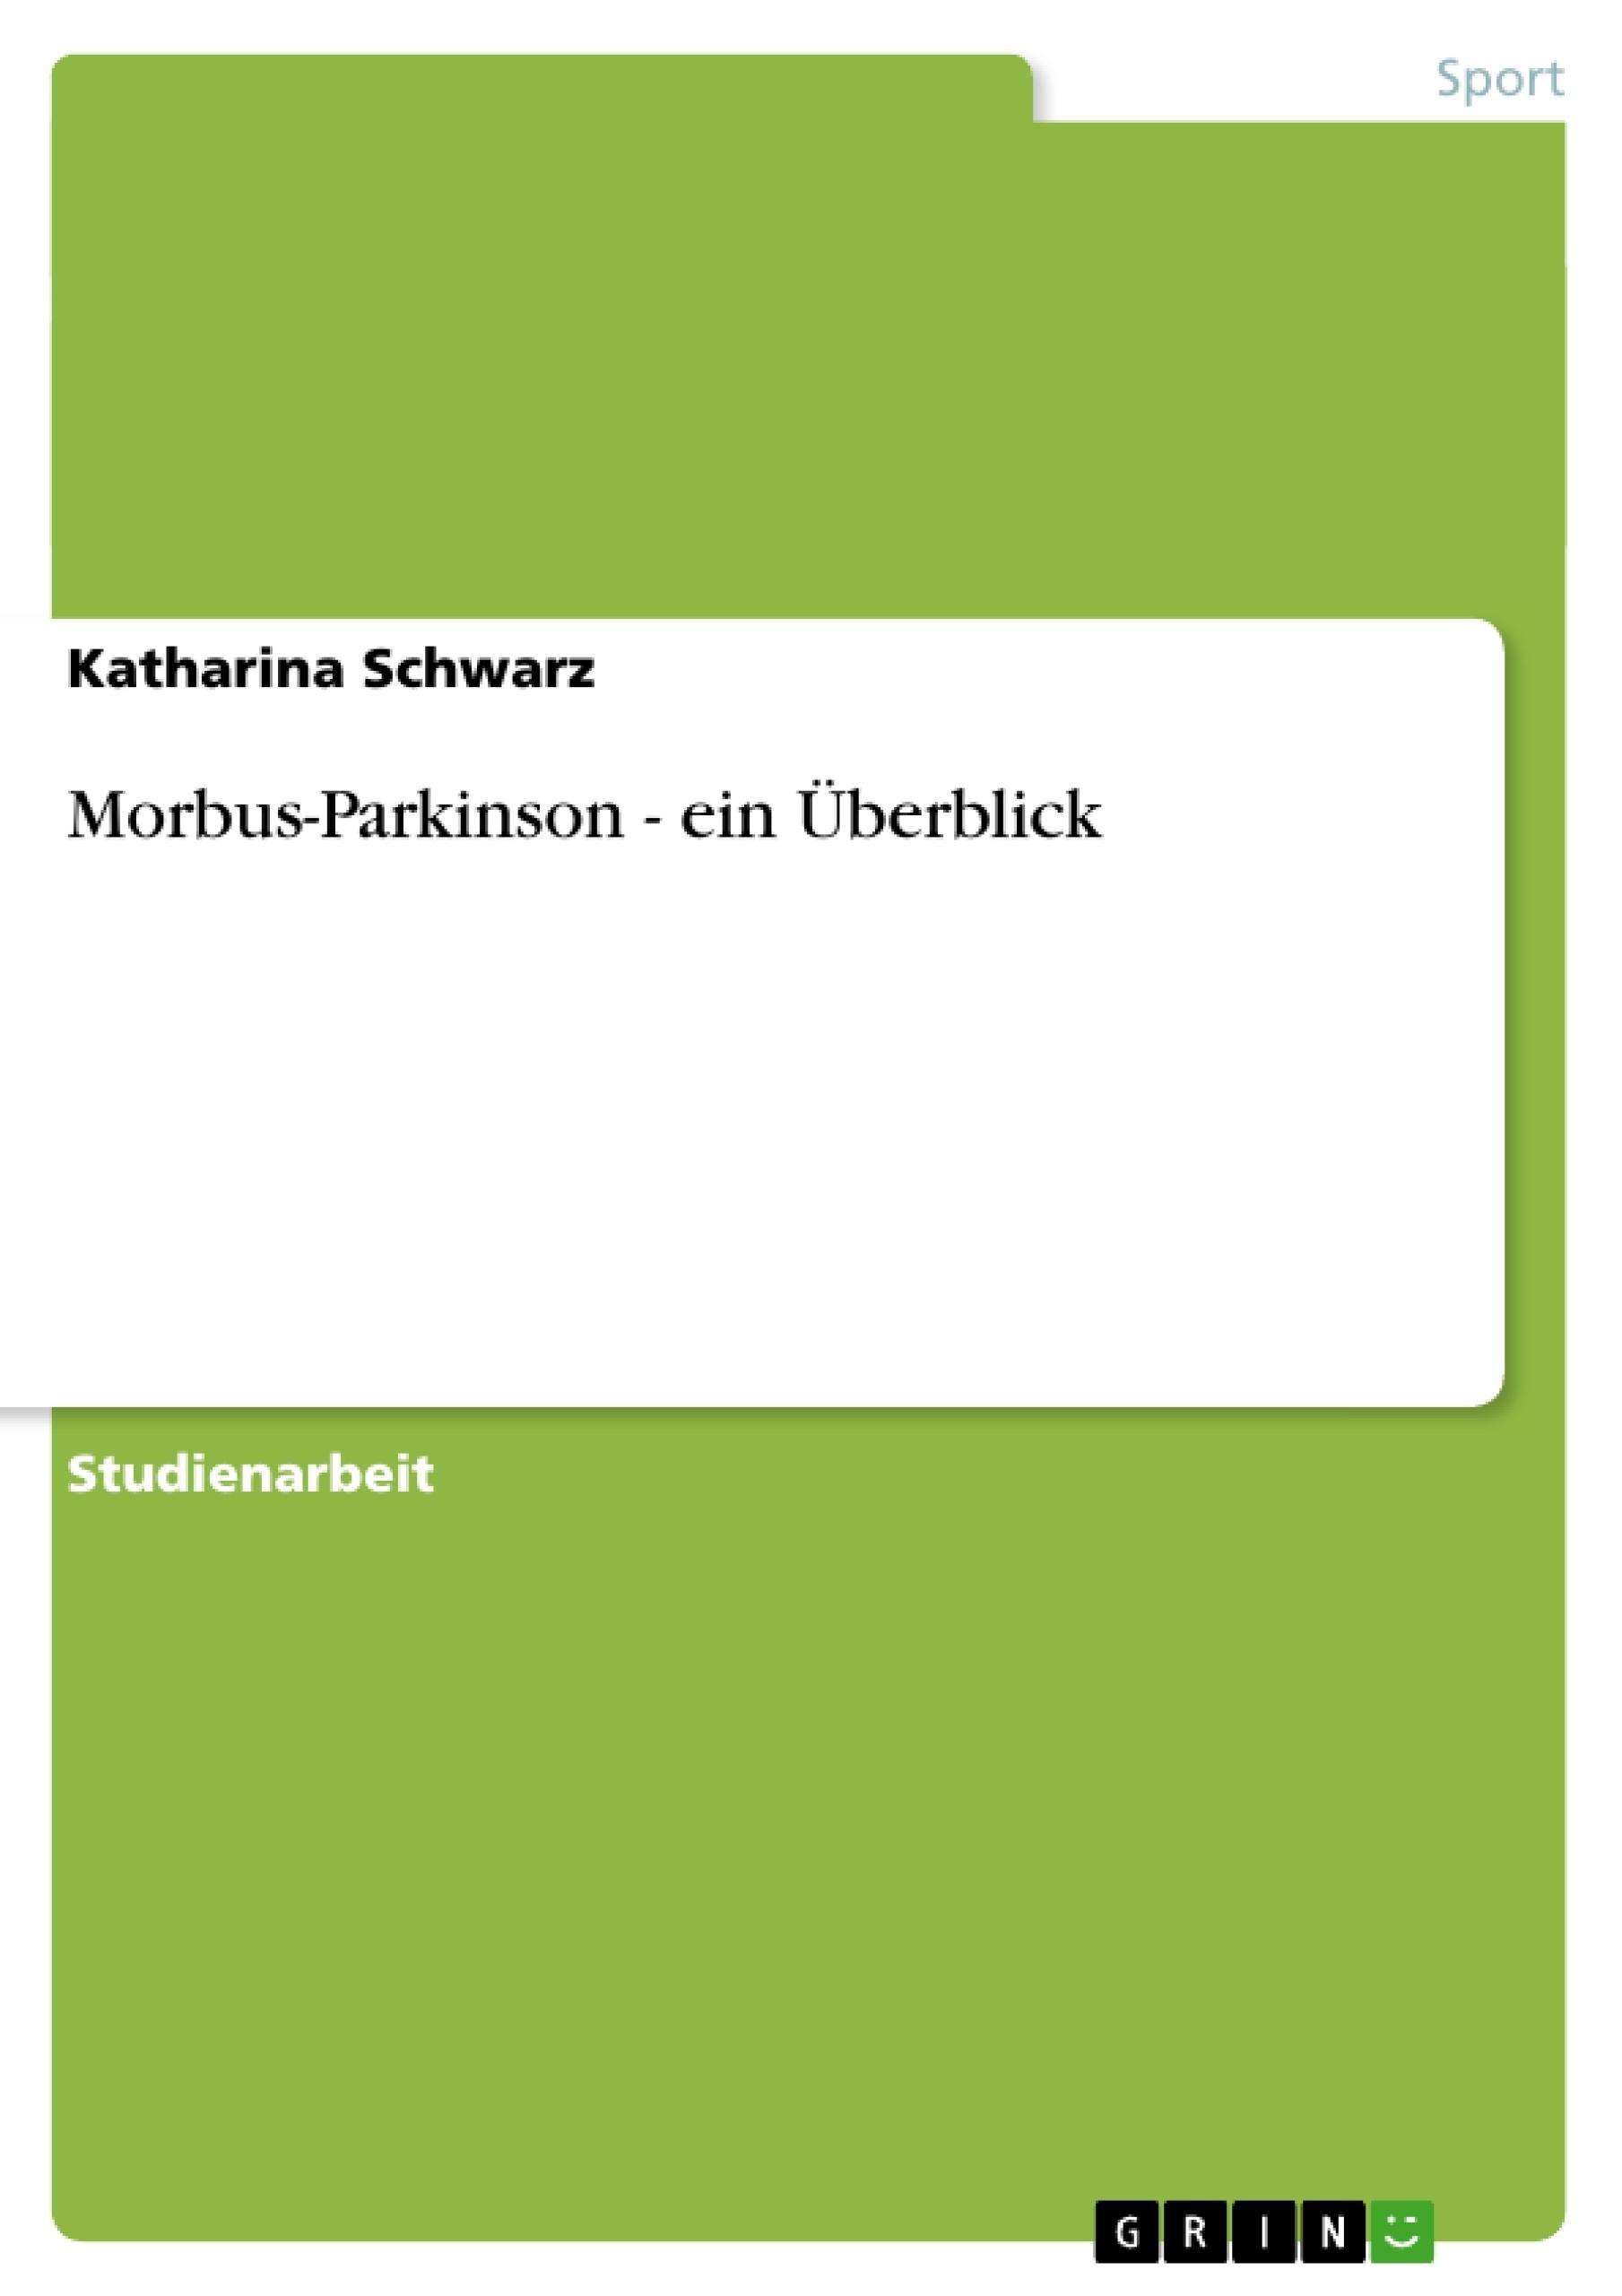 Morbus-Parkinson - ein Überblick | Masterarbeit, Hausarbeit ...